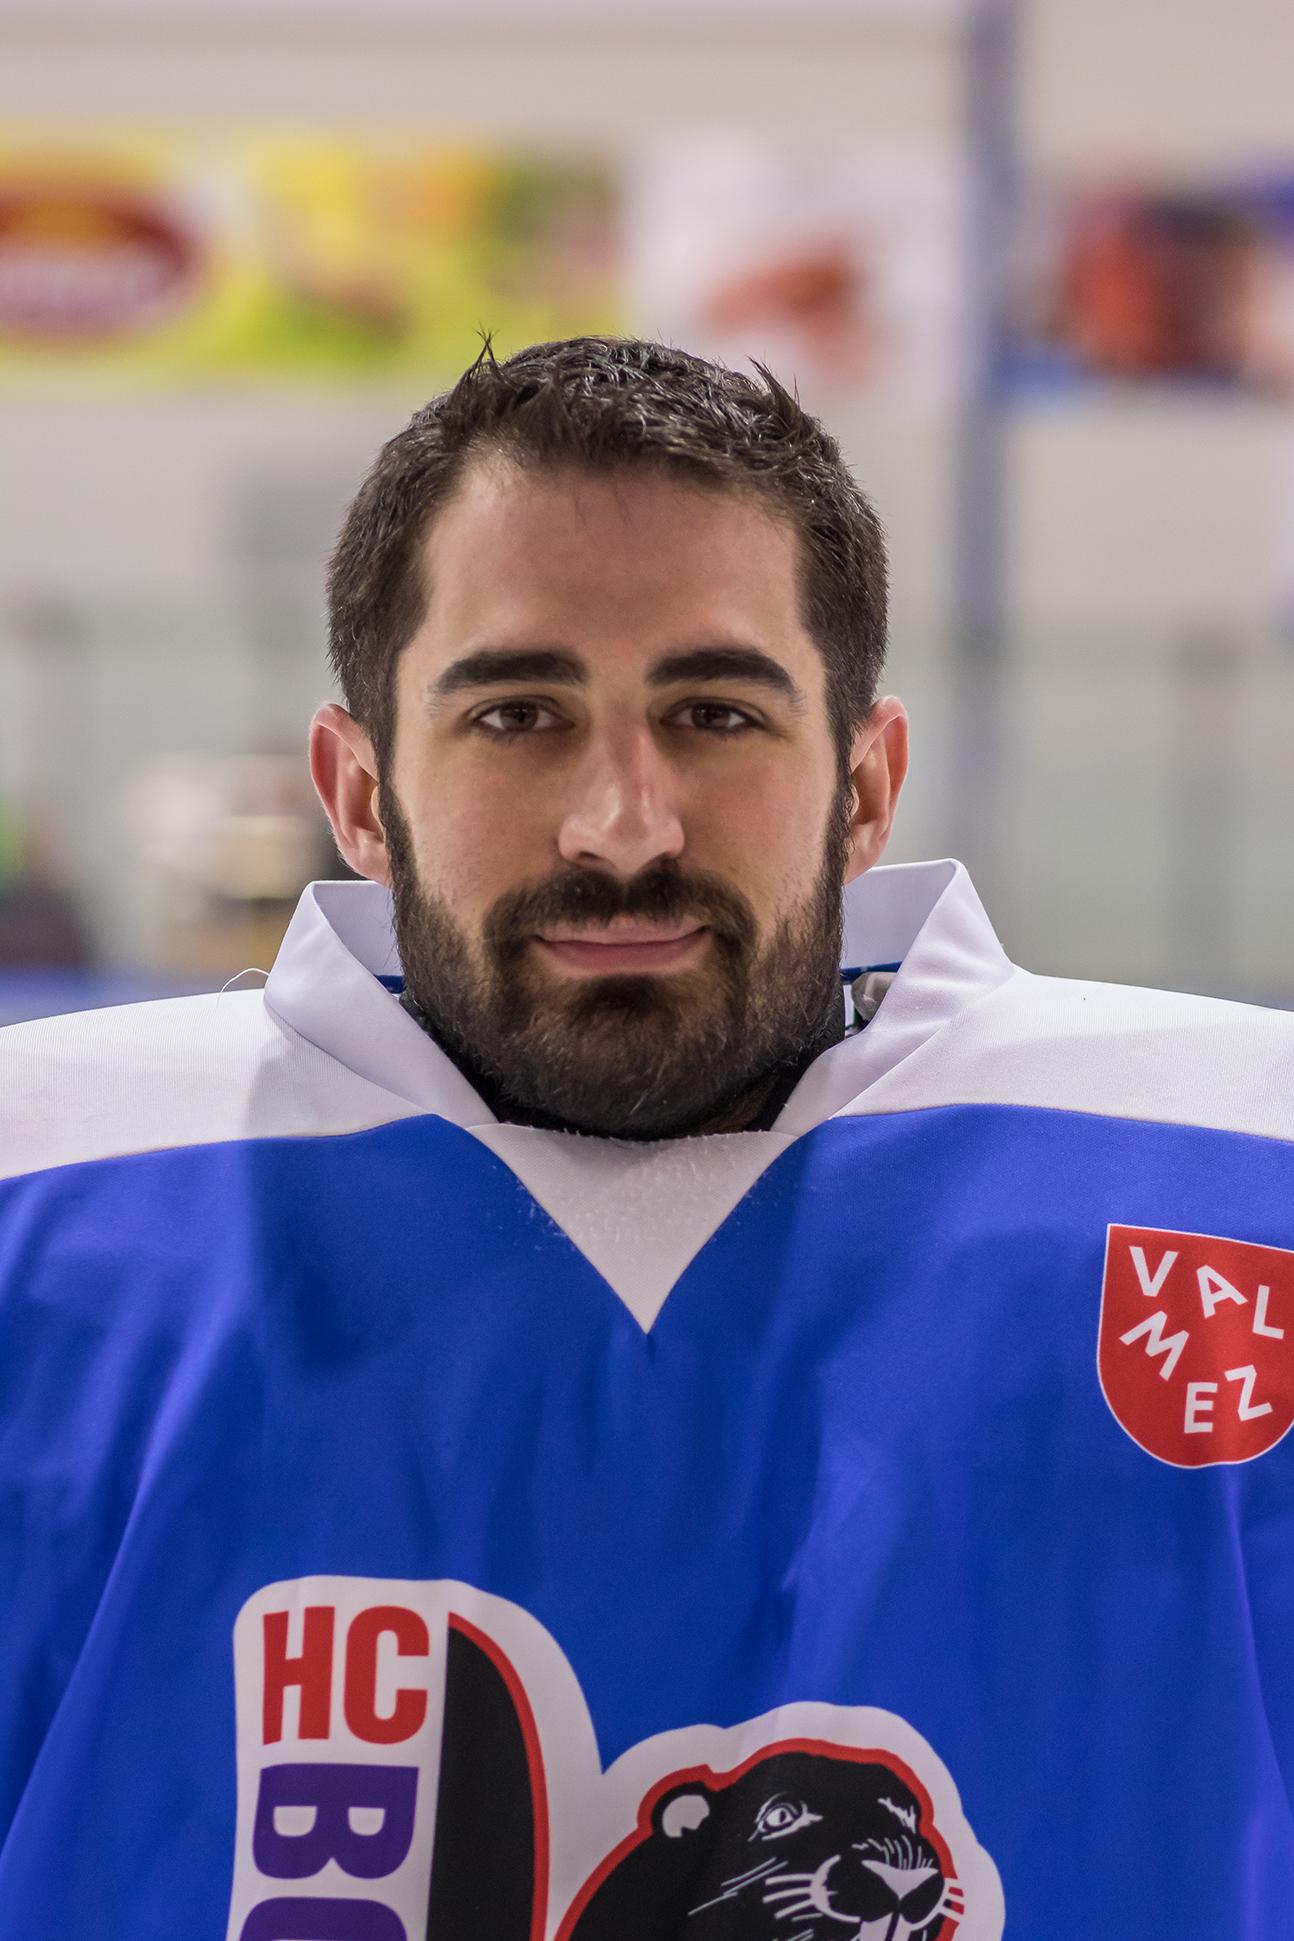 Dušan Šafránek #33